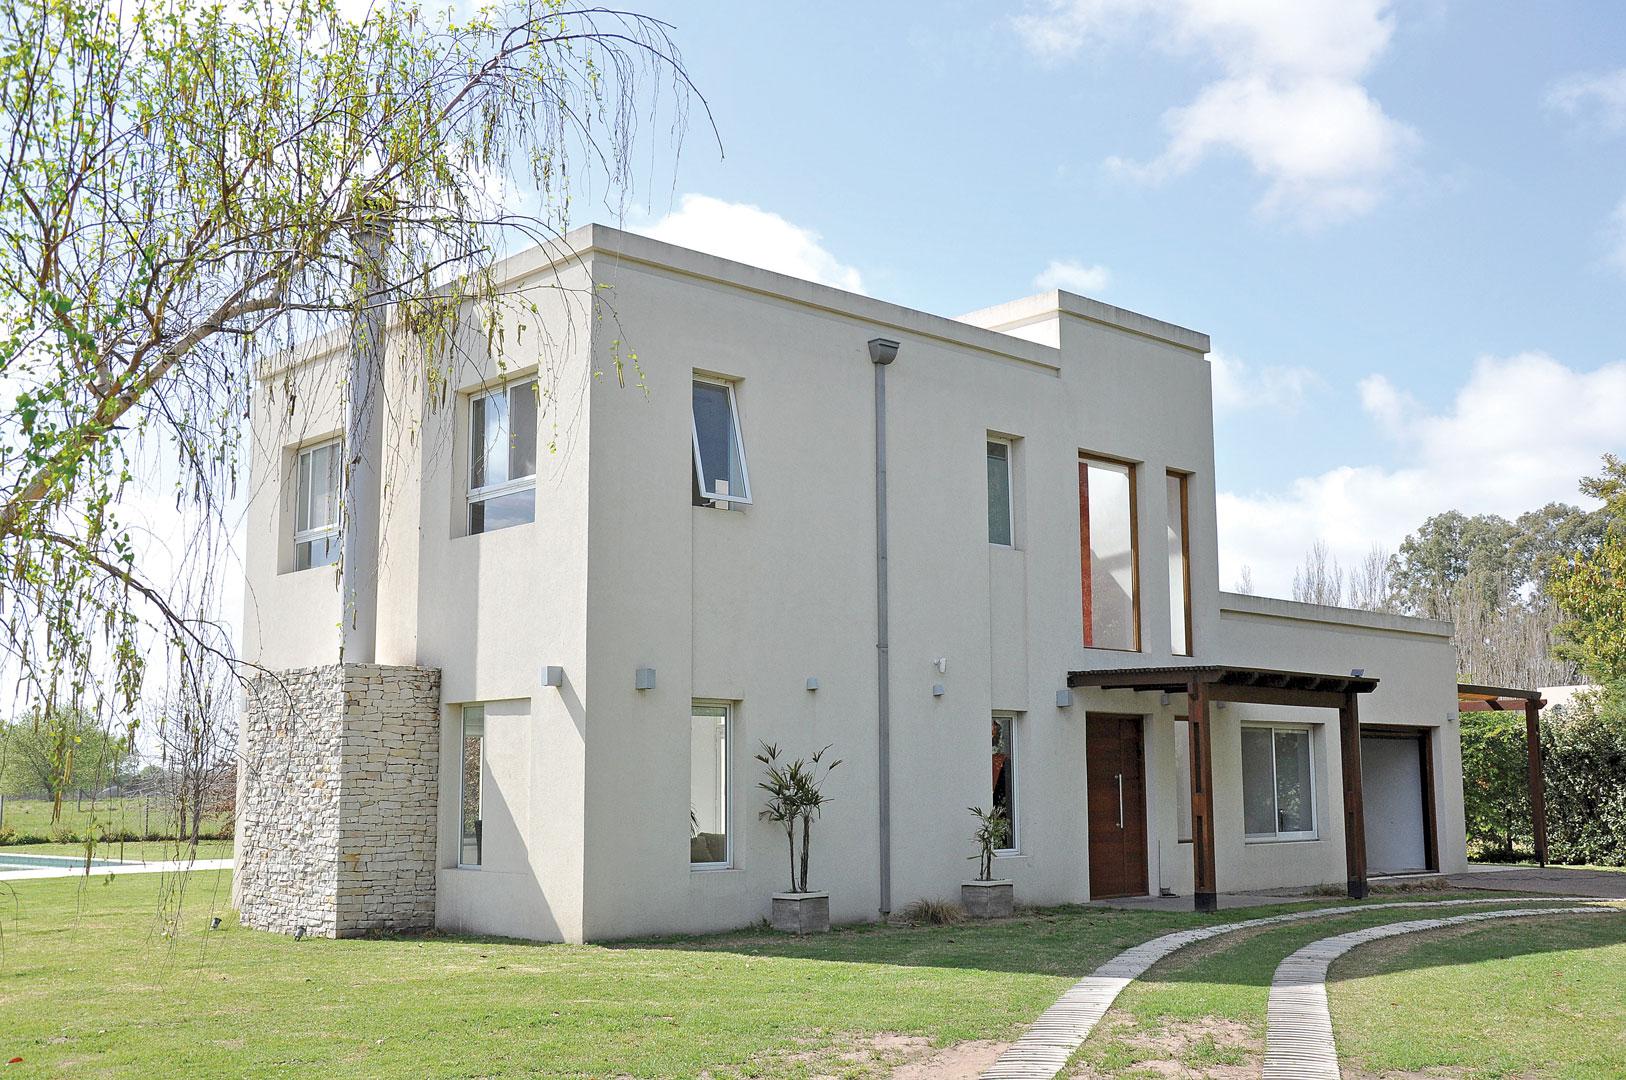 Estudio ms fl casa estilo actual arquitectos portal - Estudio de arquitectos ...